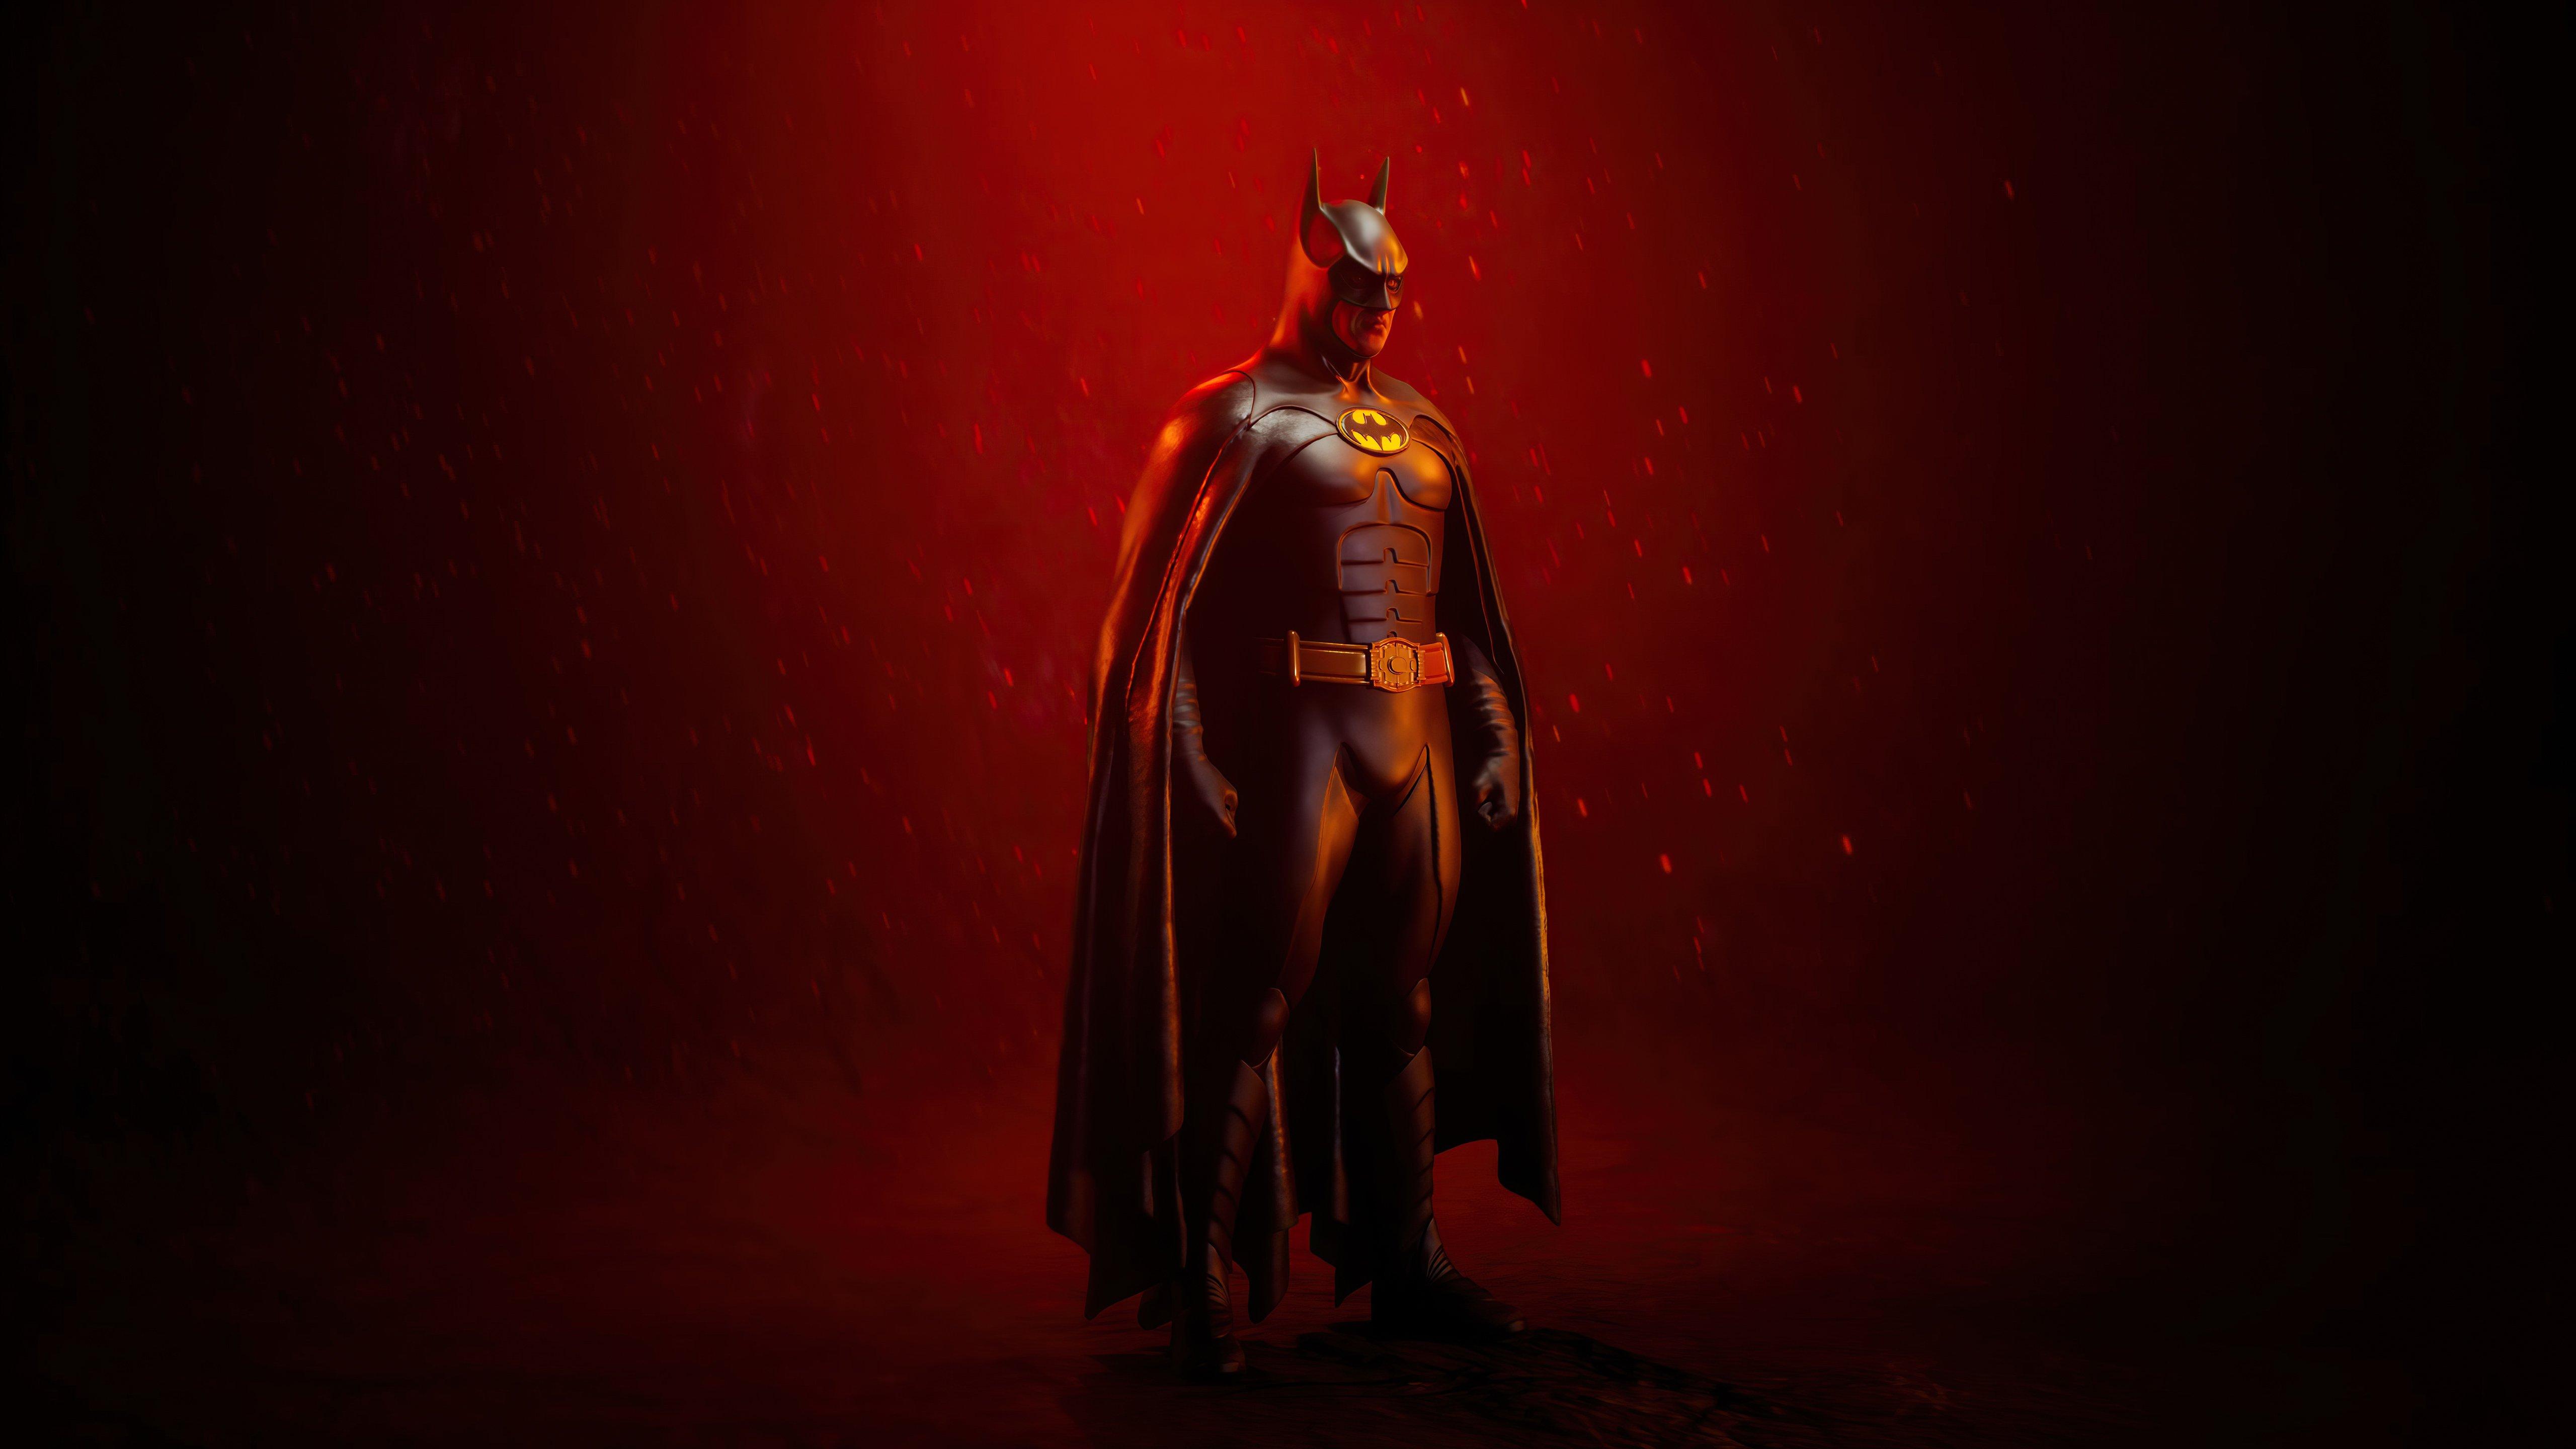 Wallpaper Batman returns 1992